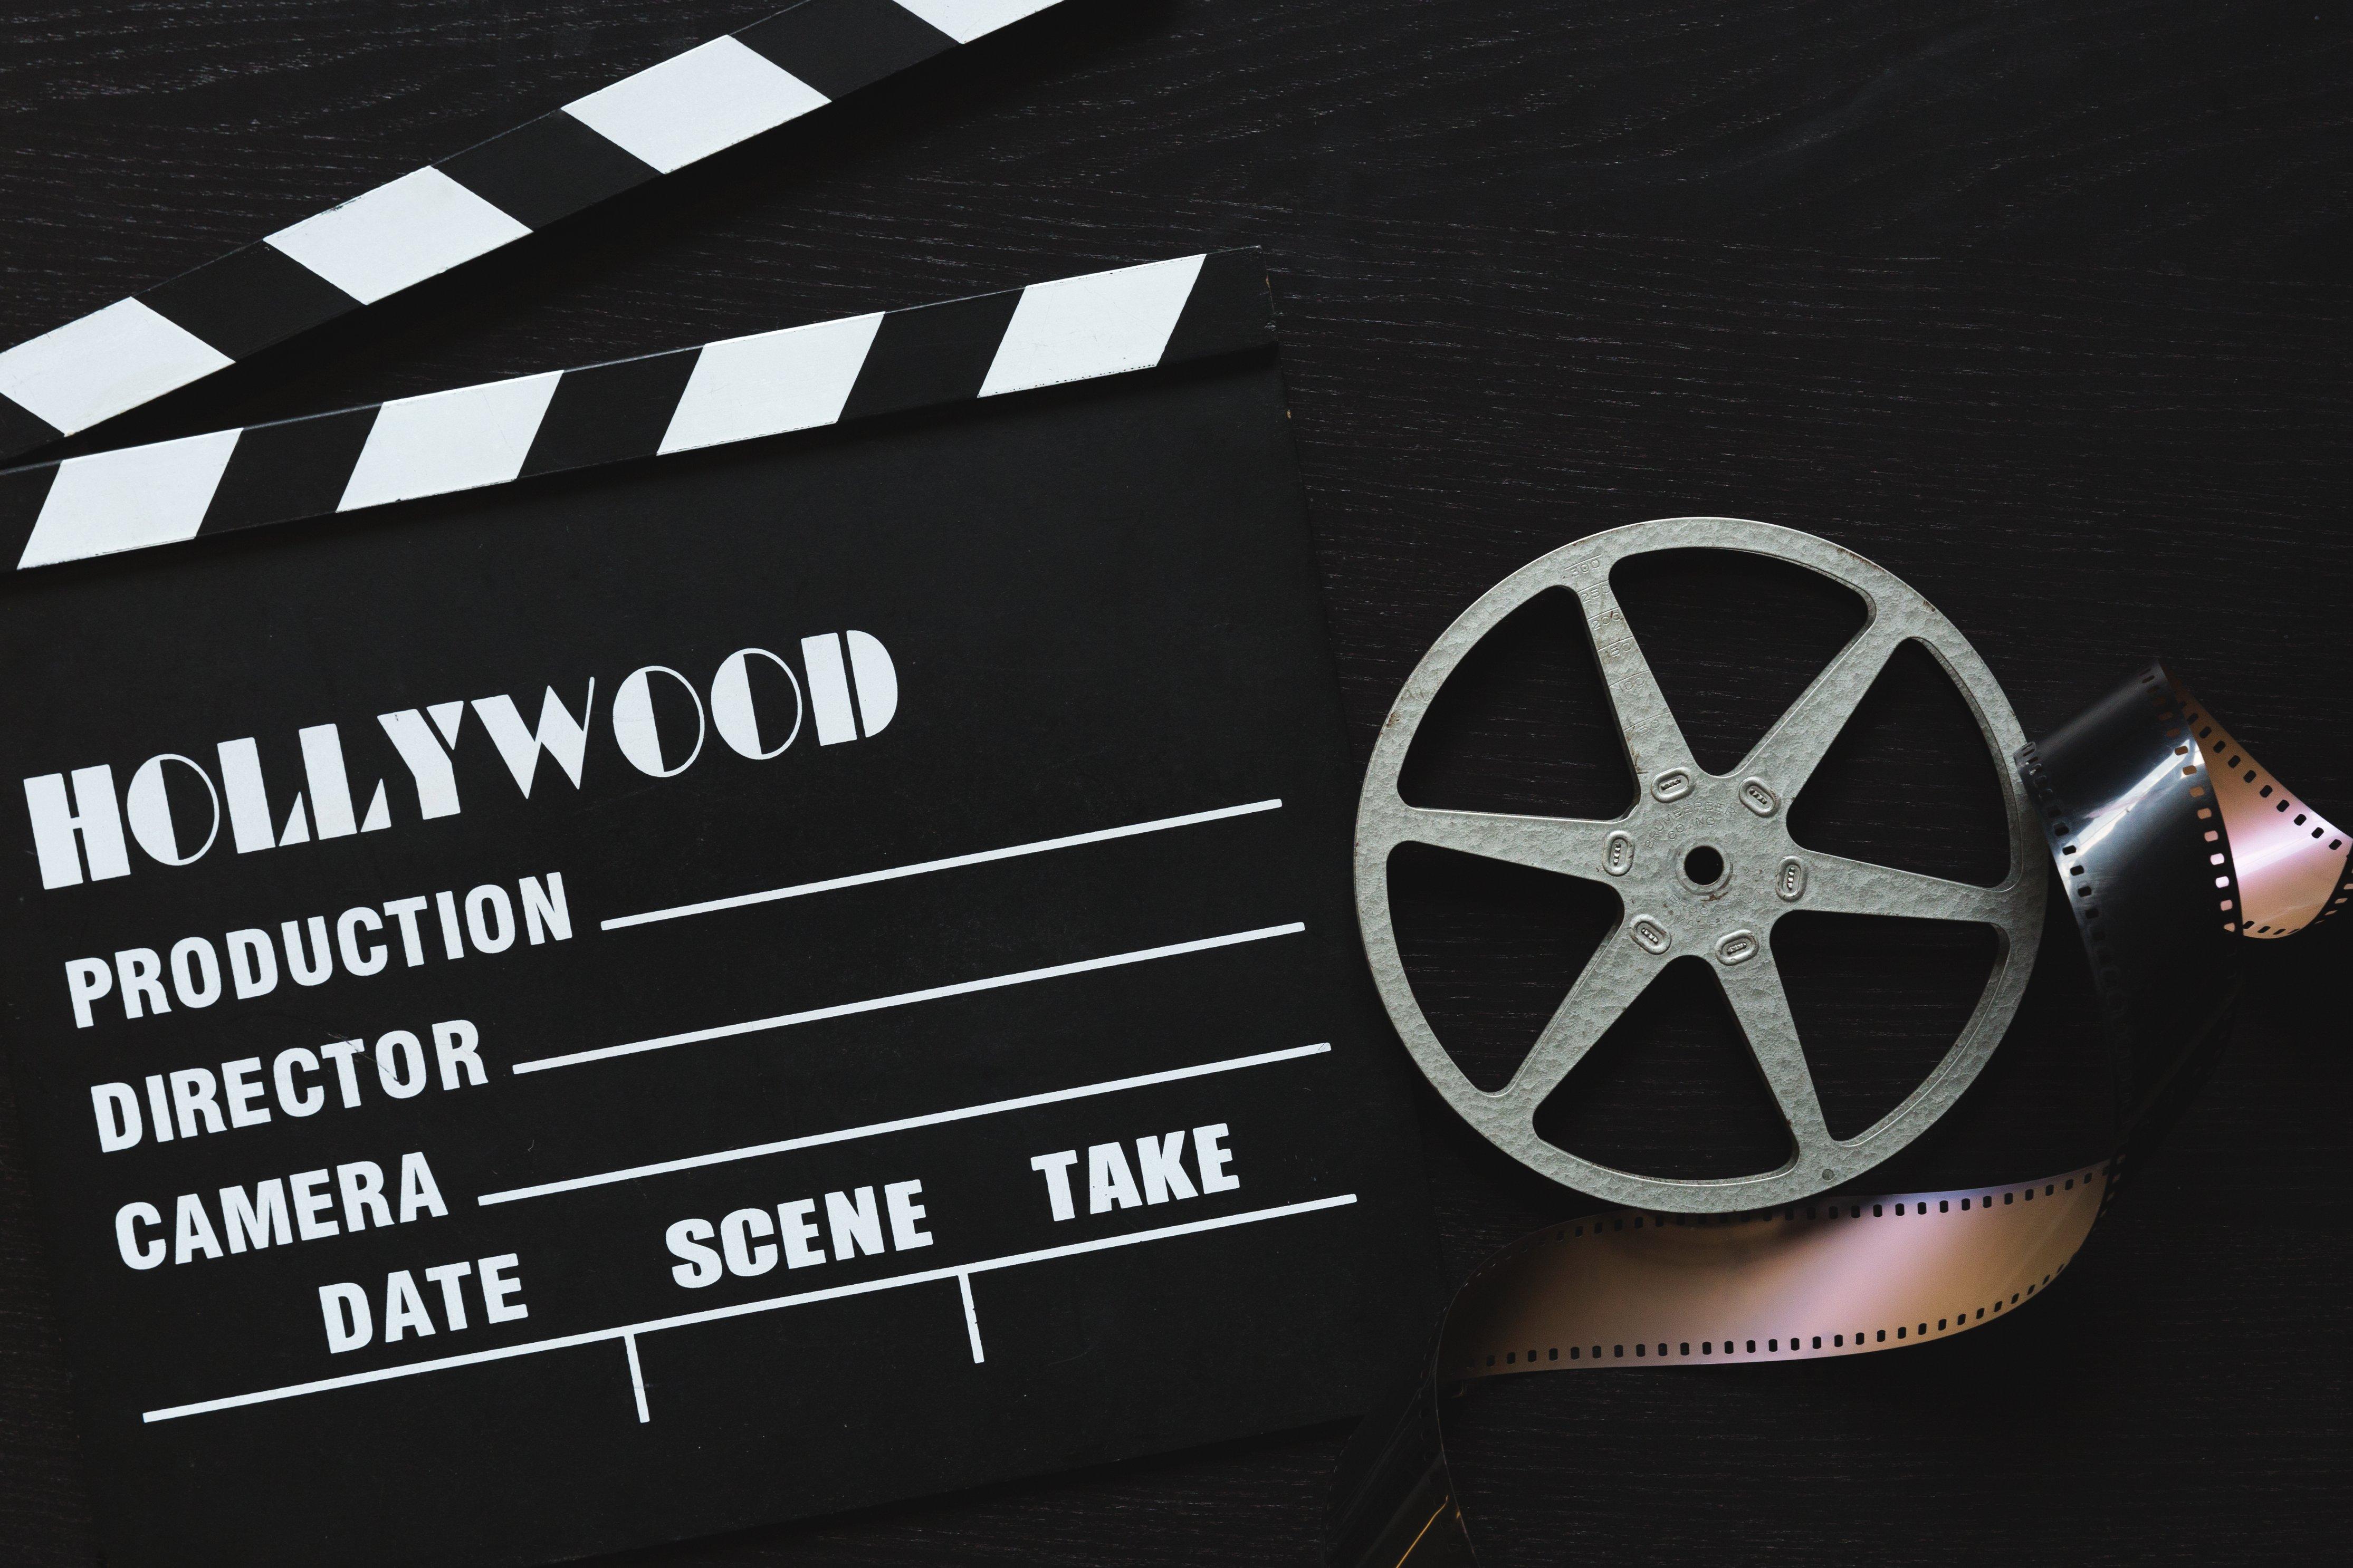 a-movie-clapper-board-film-roll-and-sprocket-wheel.jpg